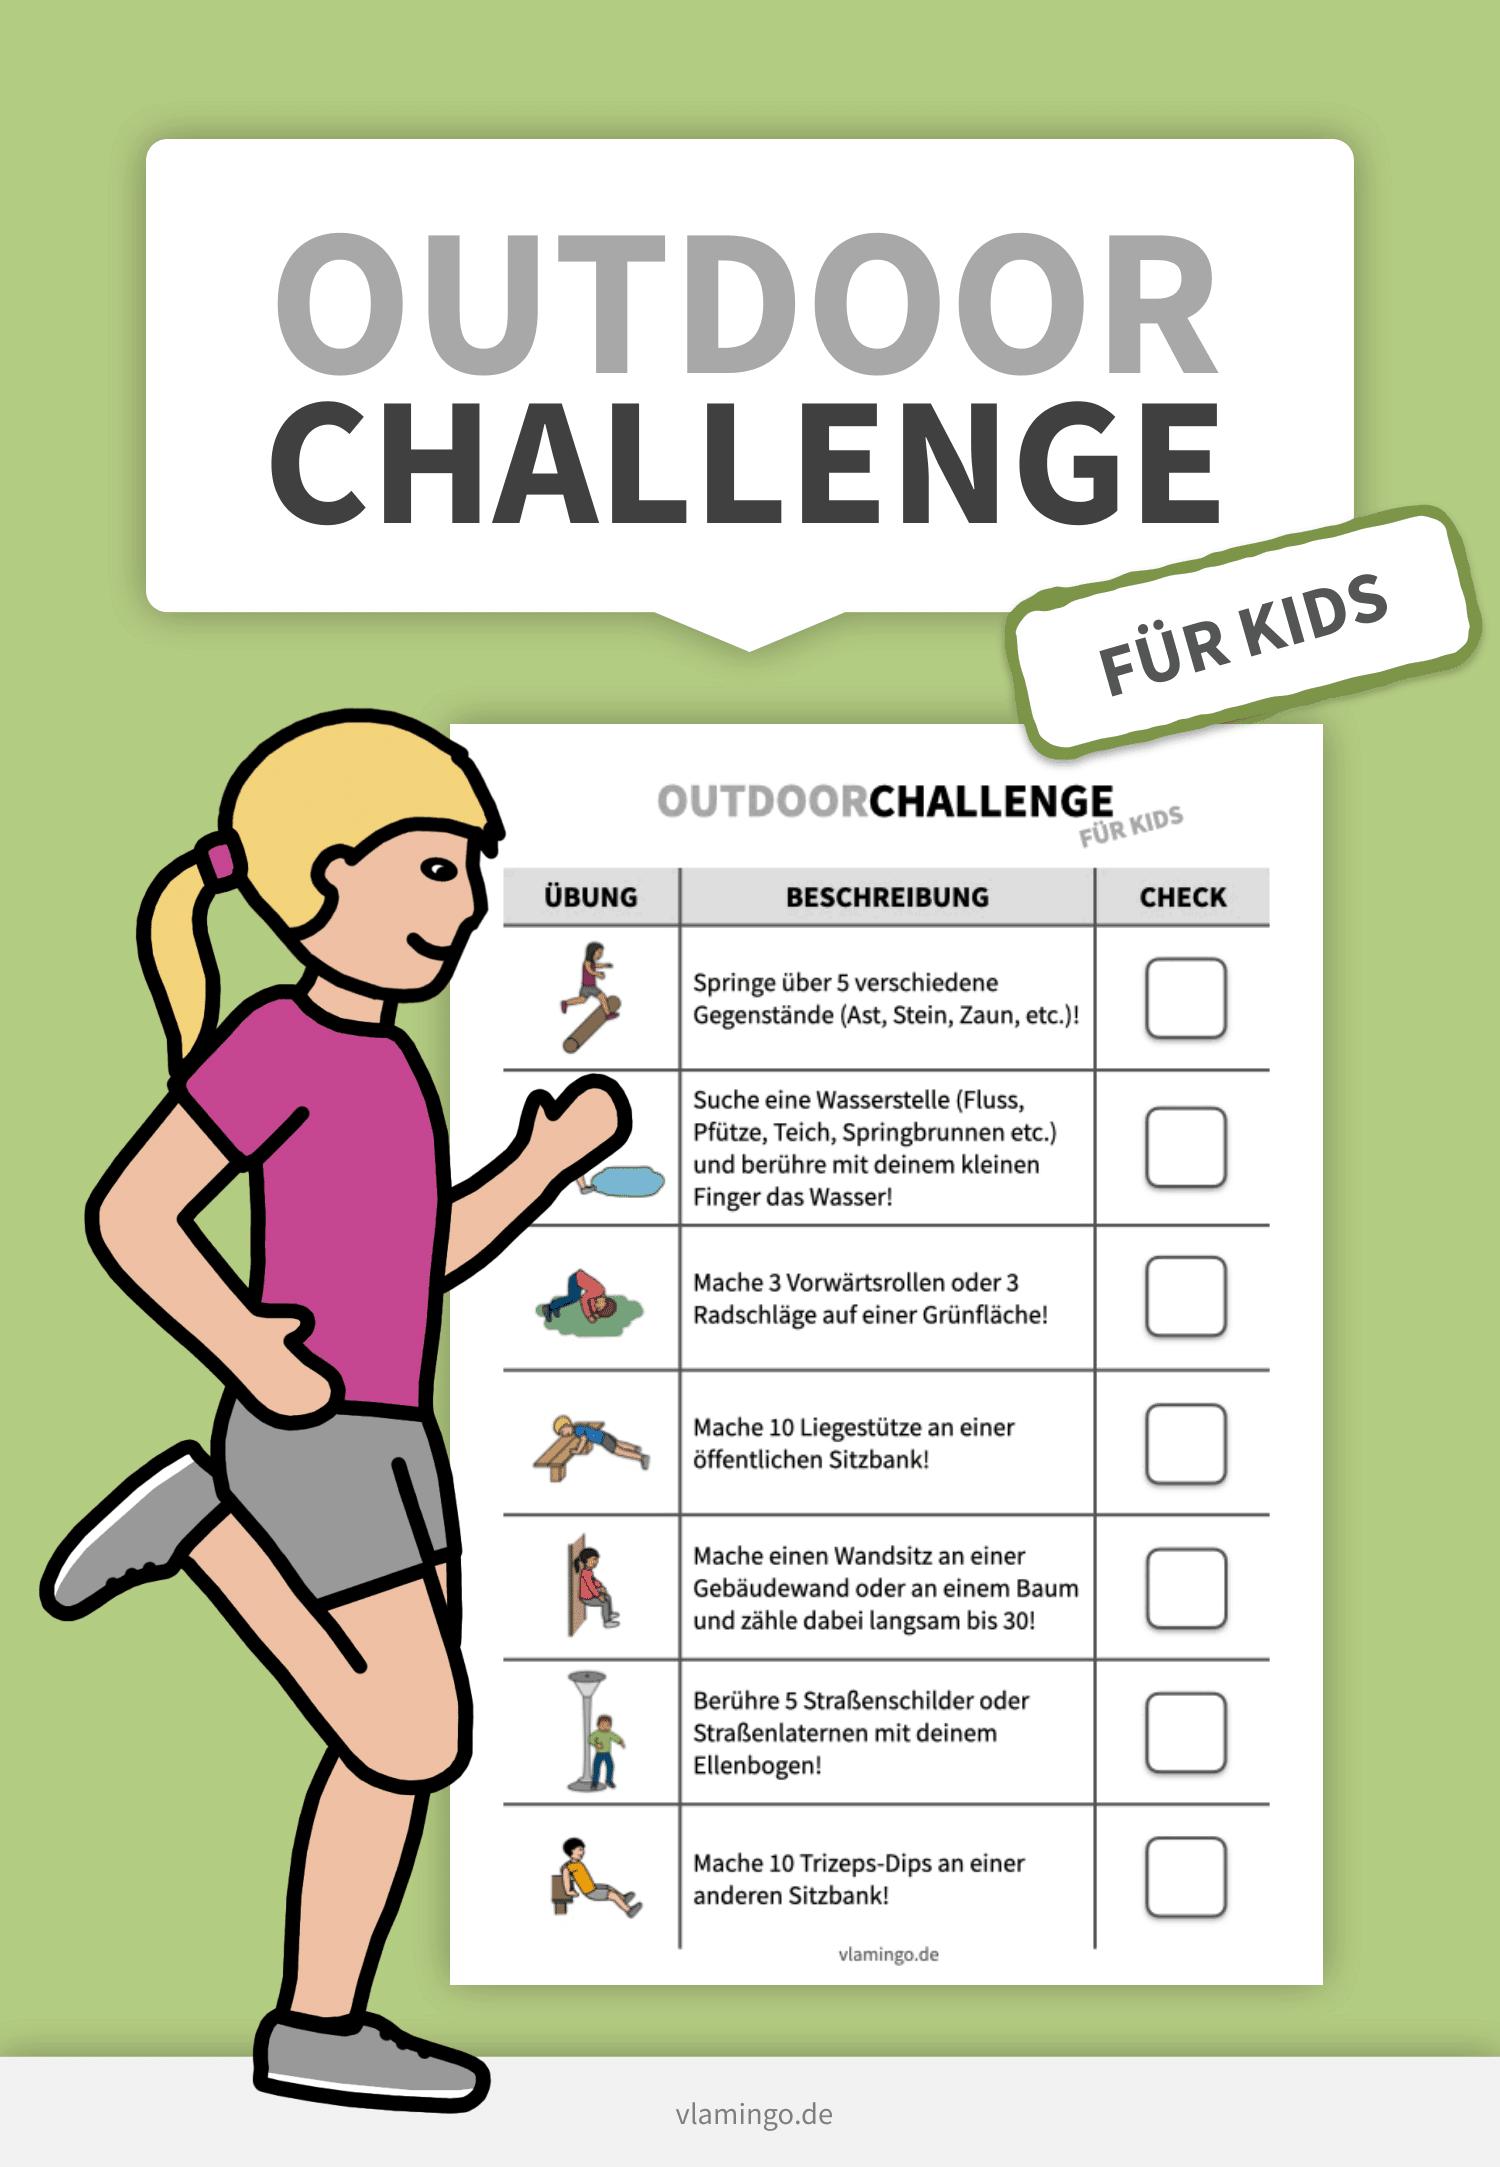 Outdoor-Challenge für Kids - vlamingo